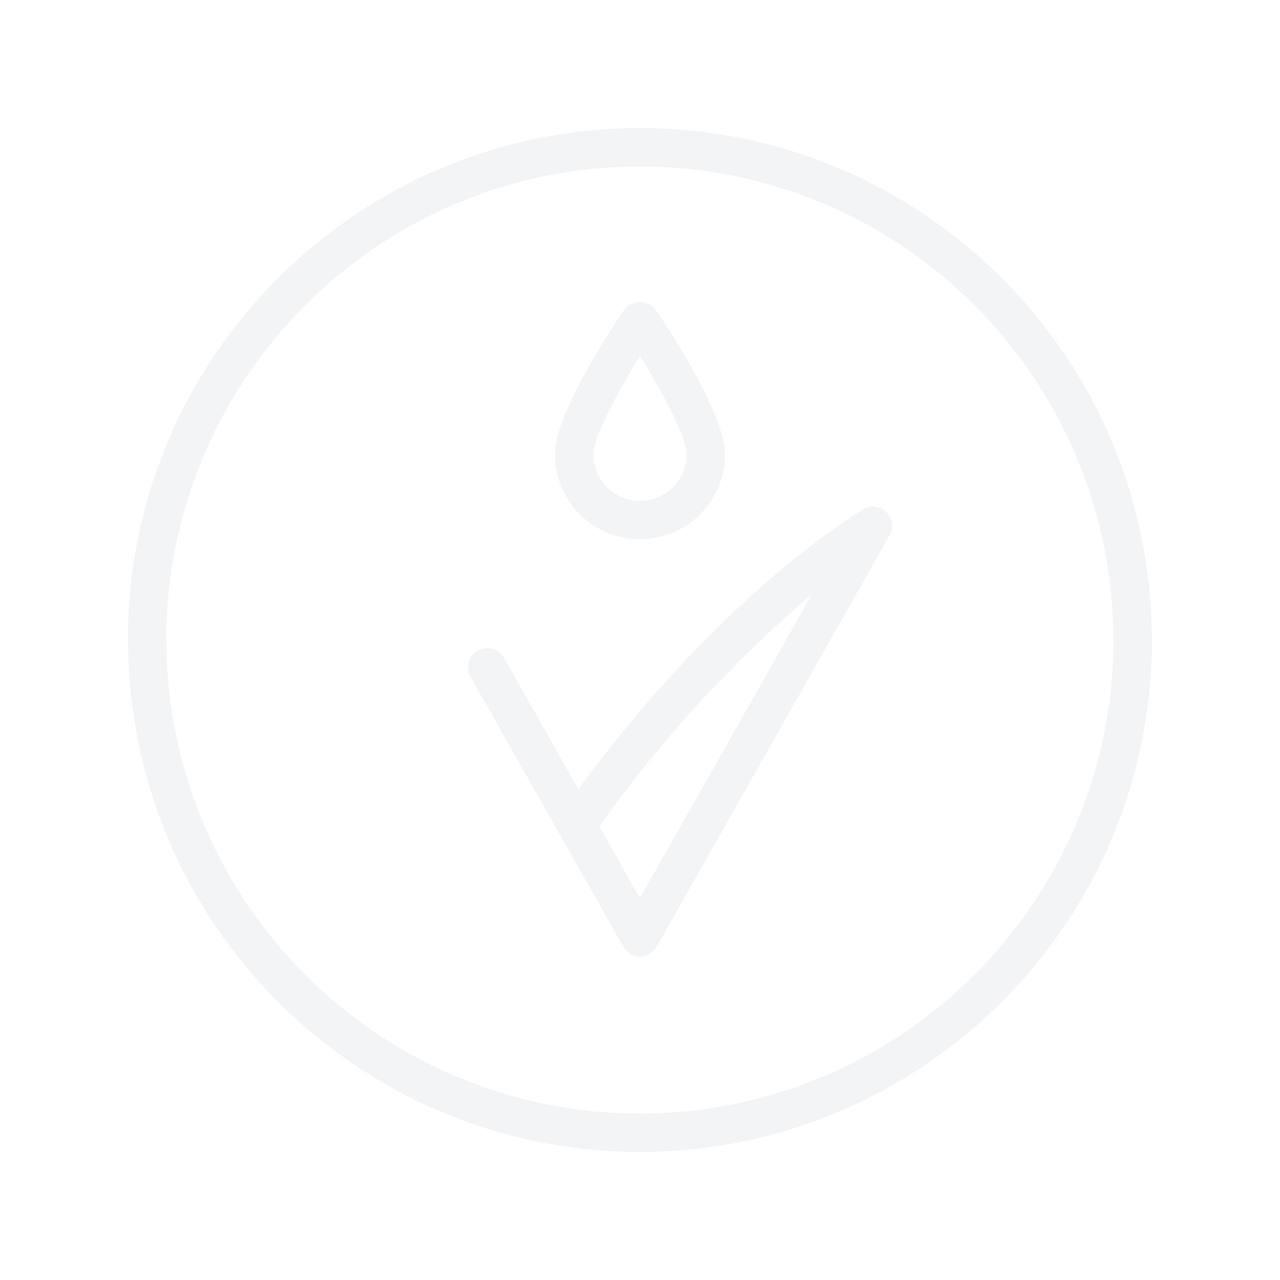 GOSH Lumi Drops Highlighter No.004 Peach 15ml